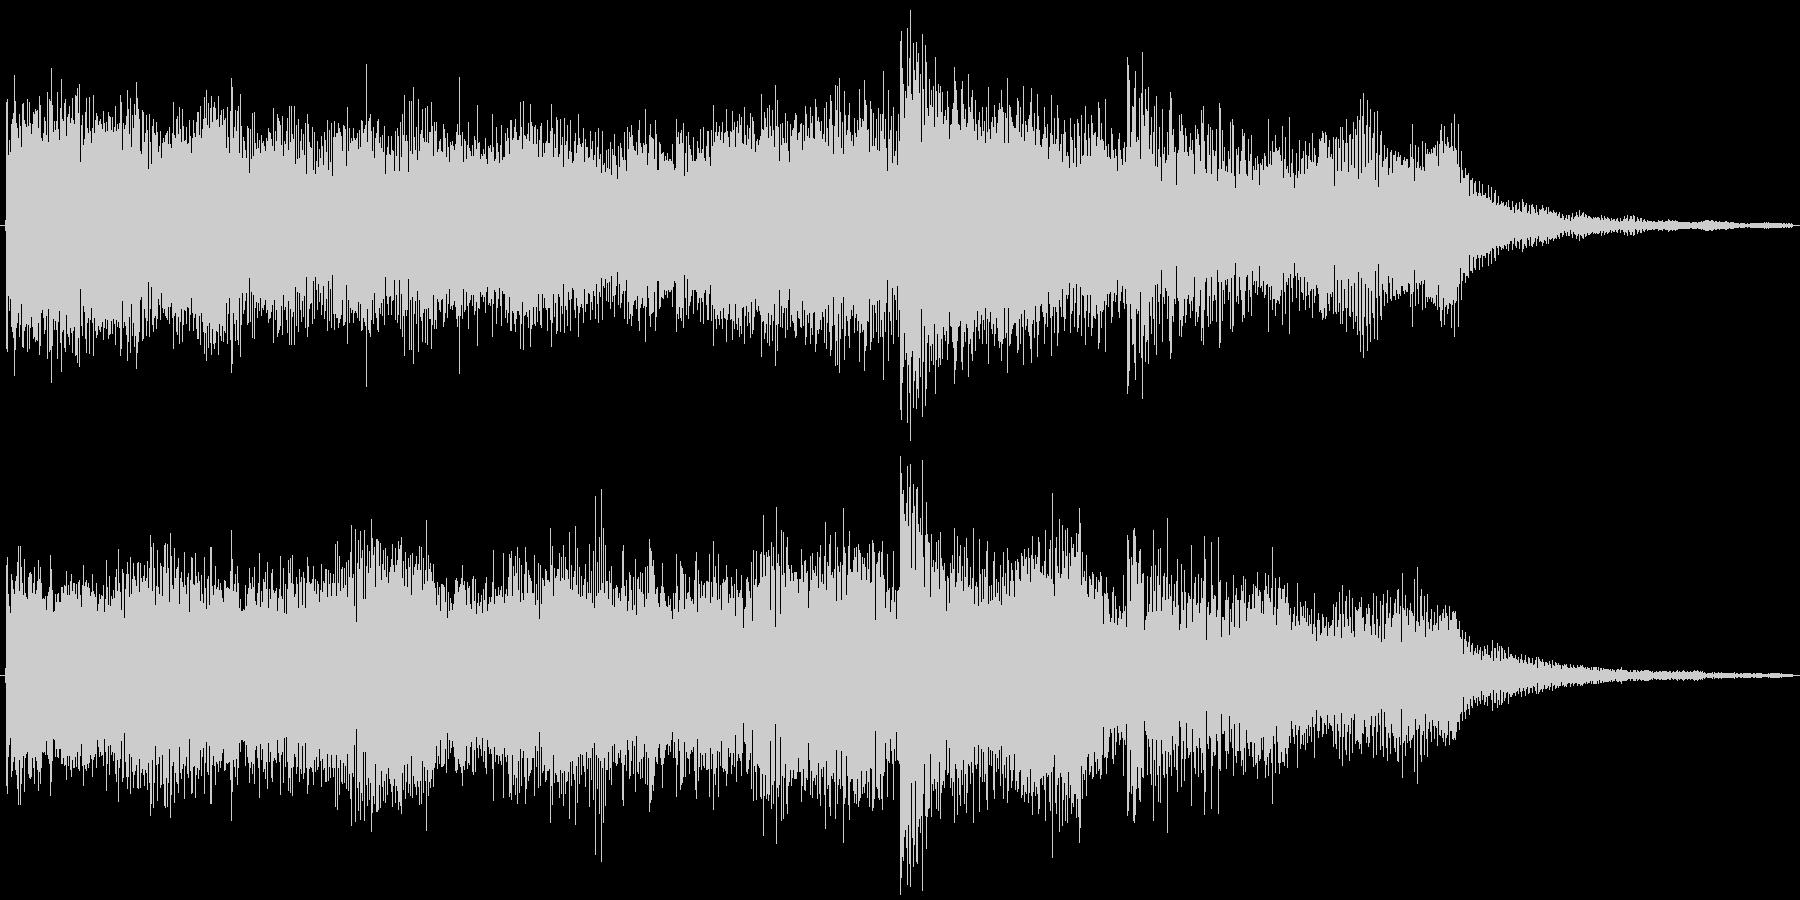 ゲーム等で使えるパワフルファンファーレの未再生の波形